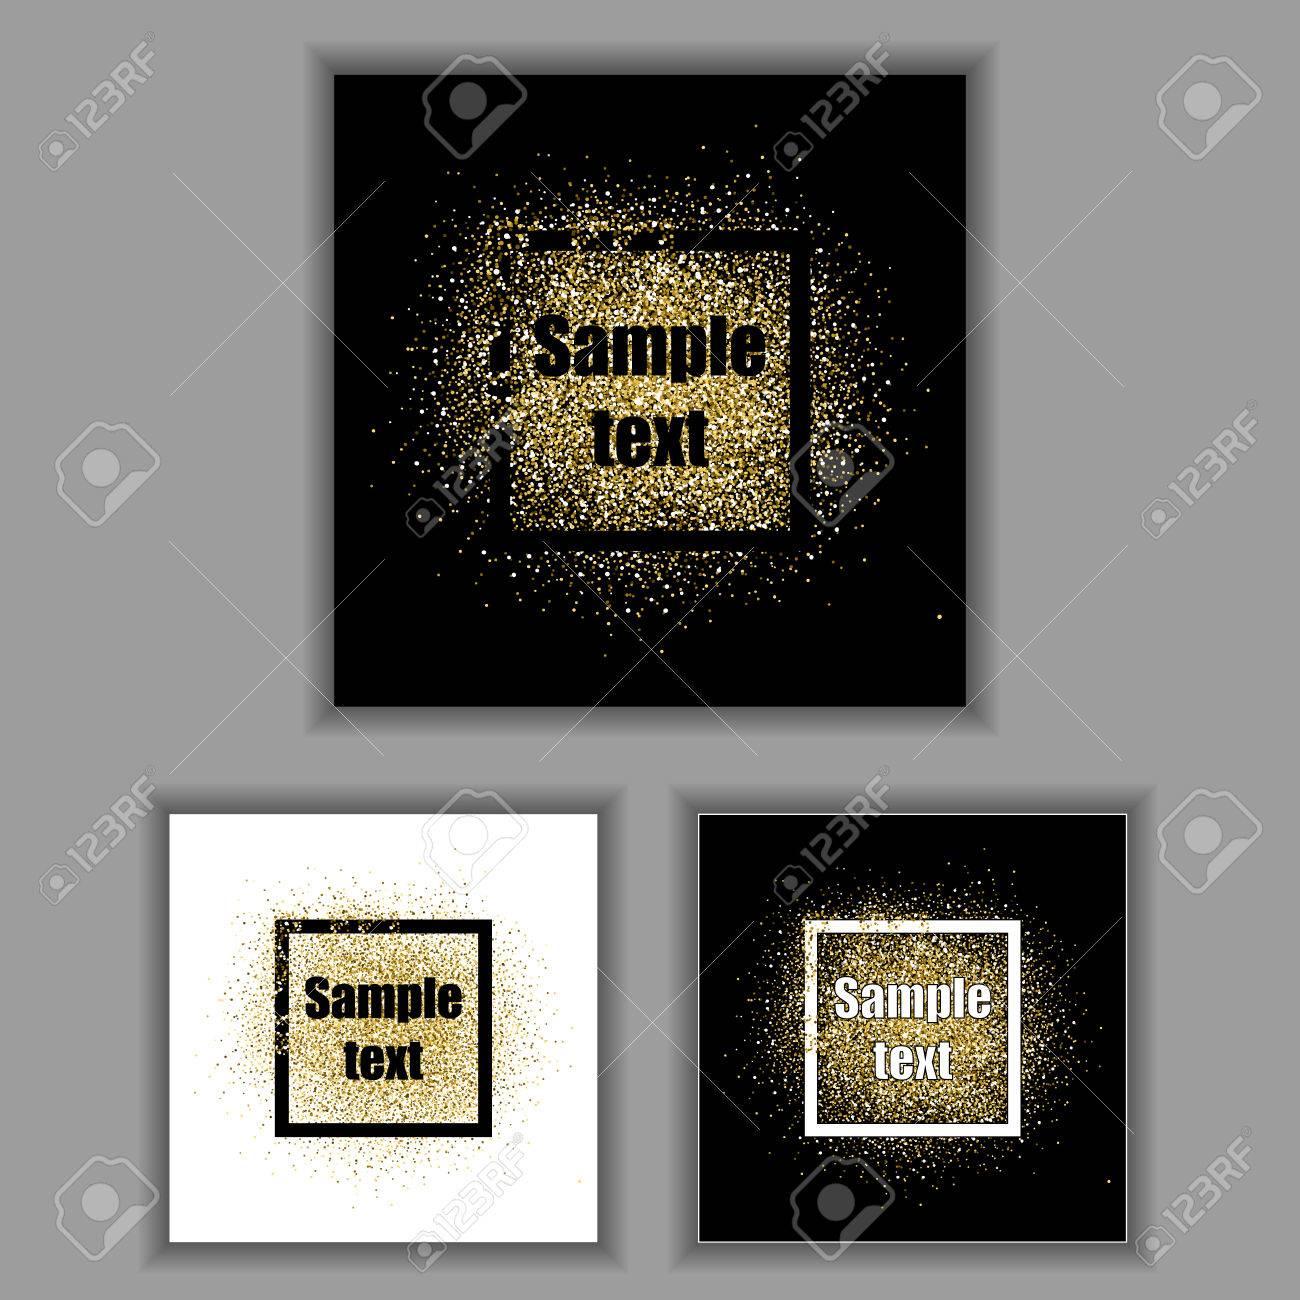 Gold-Glitter-Rahmen. Gold-Hintergrund Für Flyer, Poster, Zeichen ...